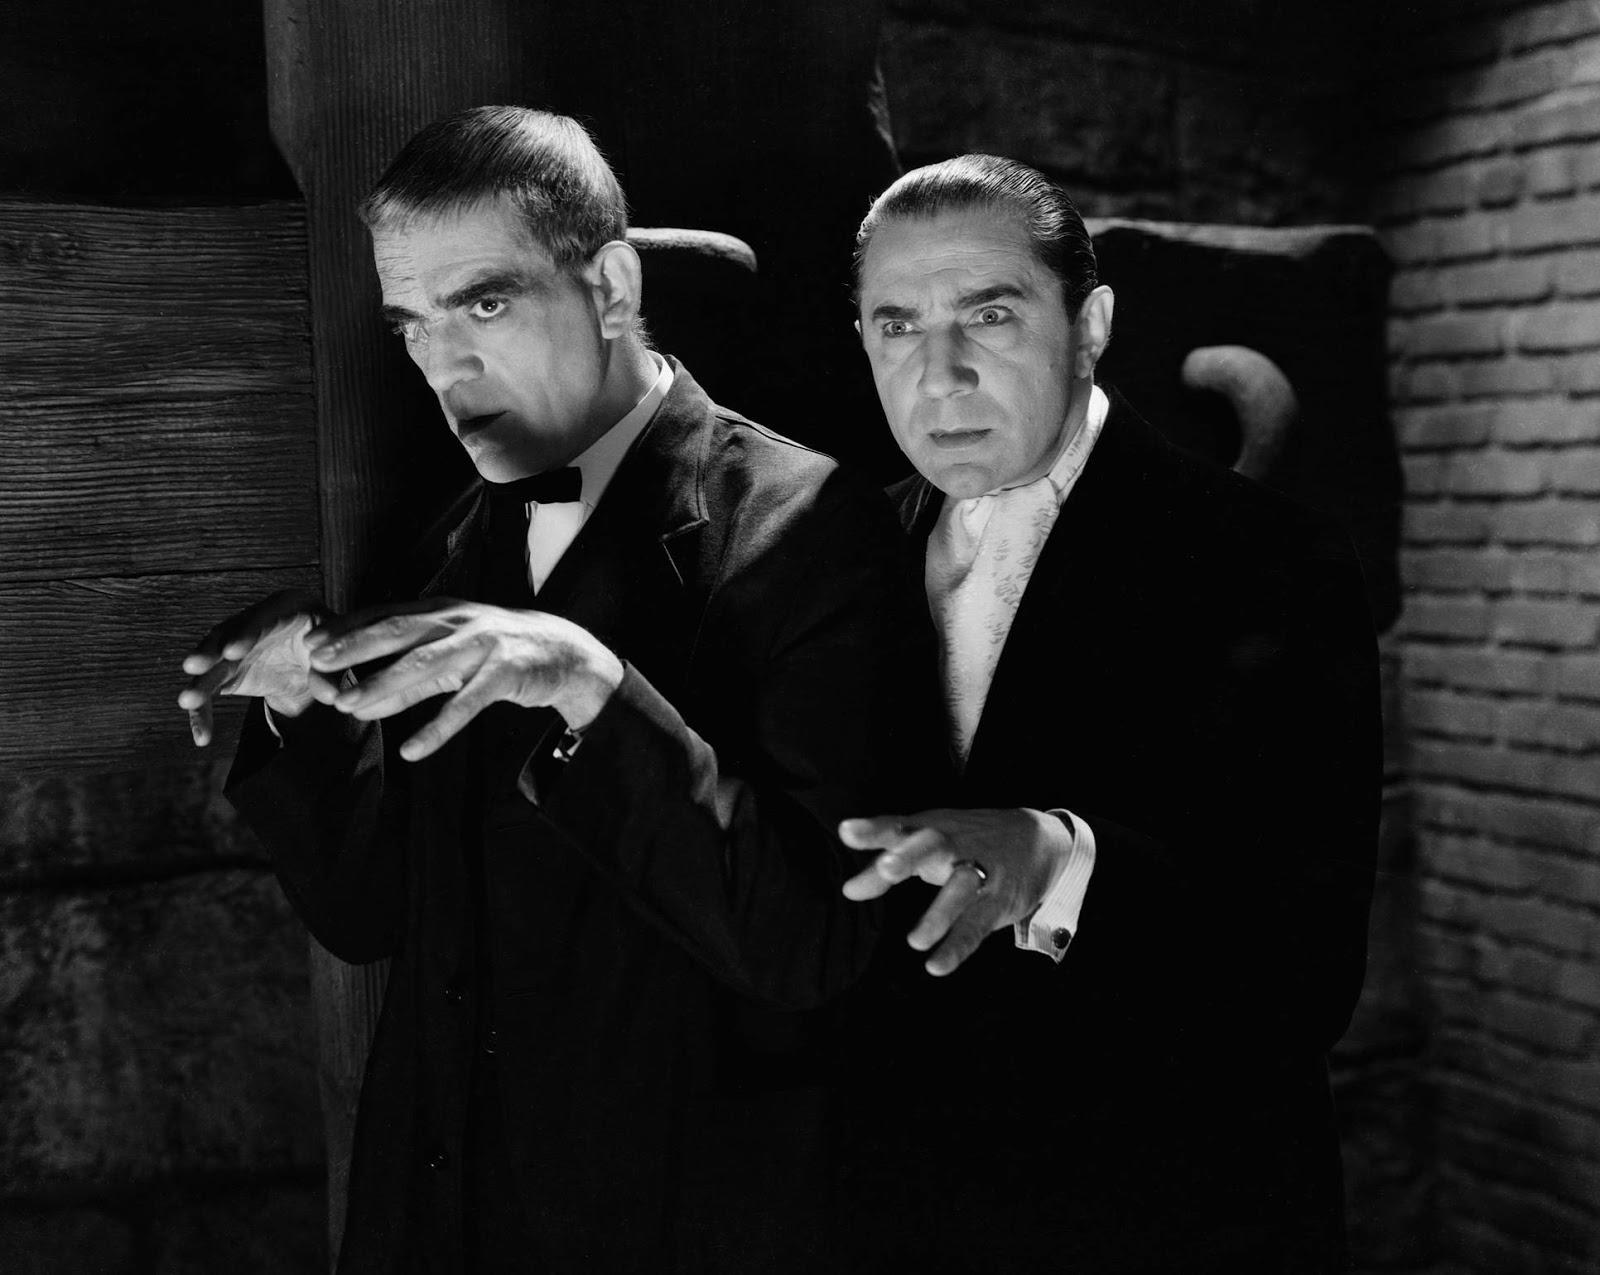 Bela Lugosi and Boris Karloff in the 1930's. | Rebrn.com  |Boris Karloff Bela Lugosi